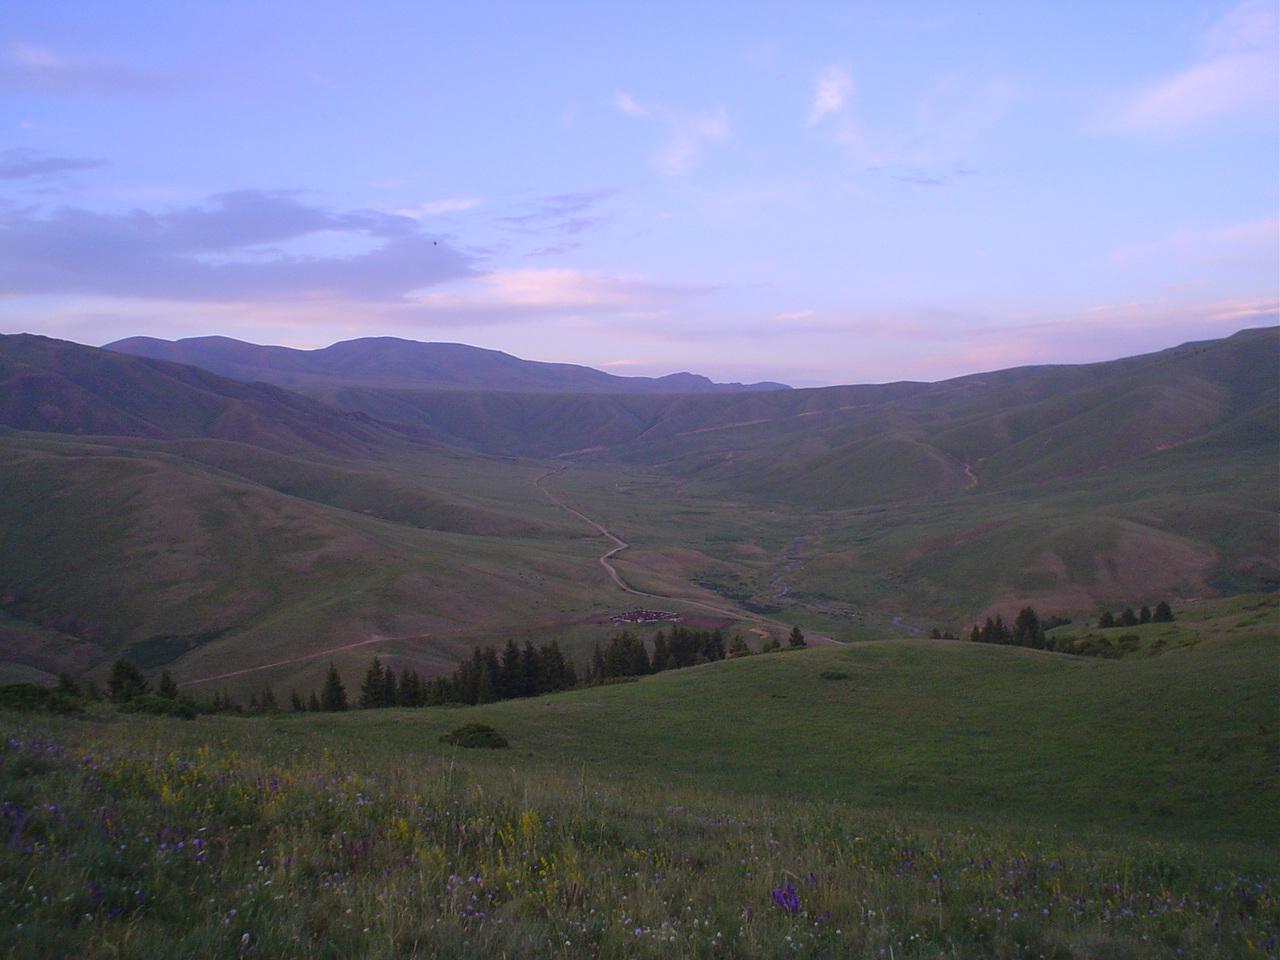 Parque Nacional de Ile-Alatau, Cazaquistão - Ásia Central 36